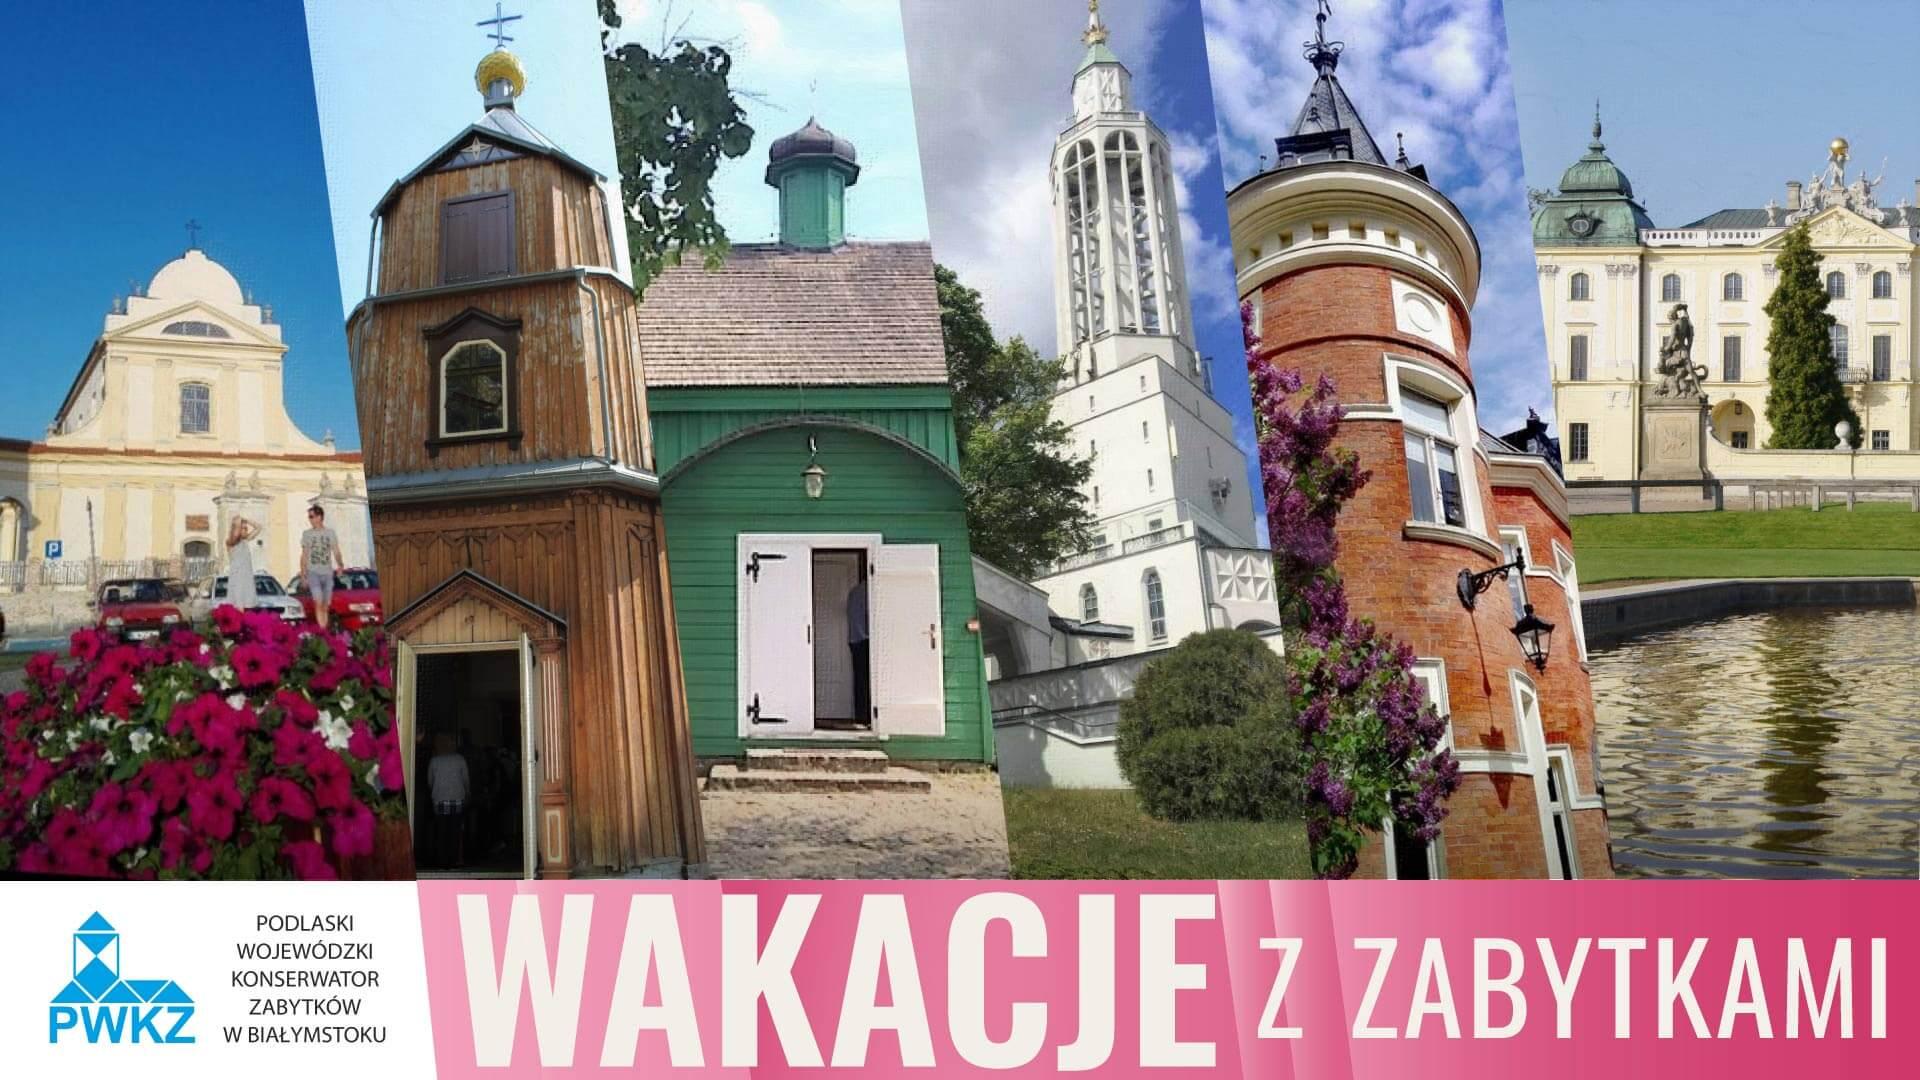 Wakacje z zabytkami | Parafia Najświętszej Maryi Panny Królowej Rodzin w Białymstoku